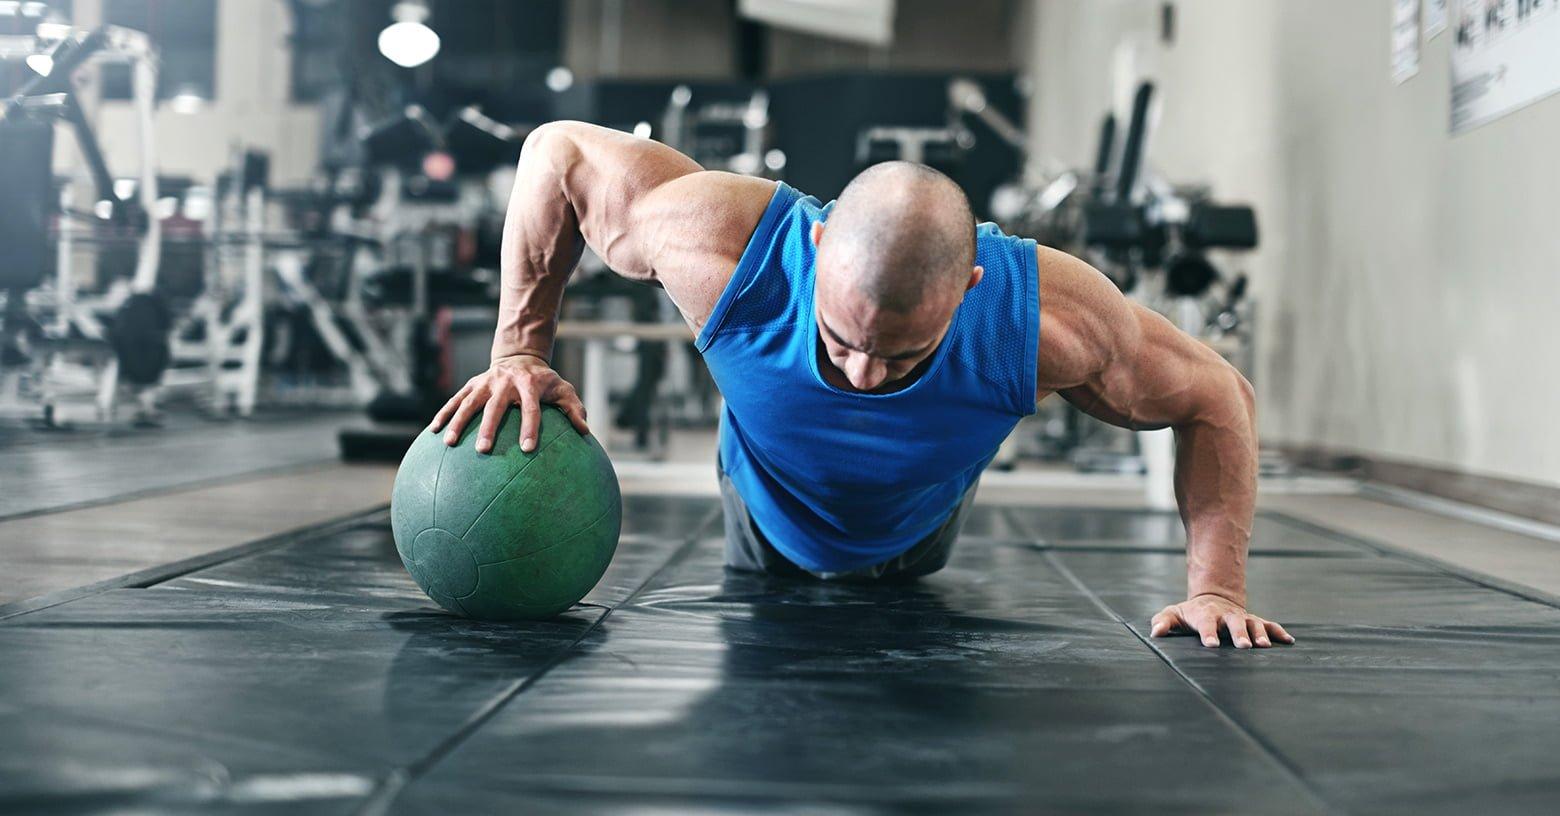 arm workout - Entraînement des bras - EVO Fitness